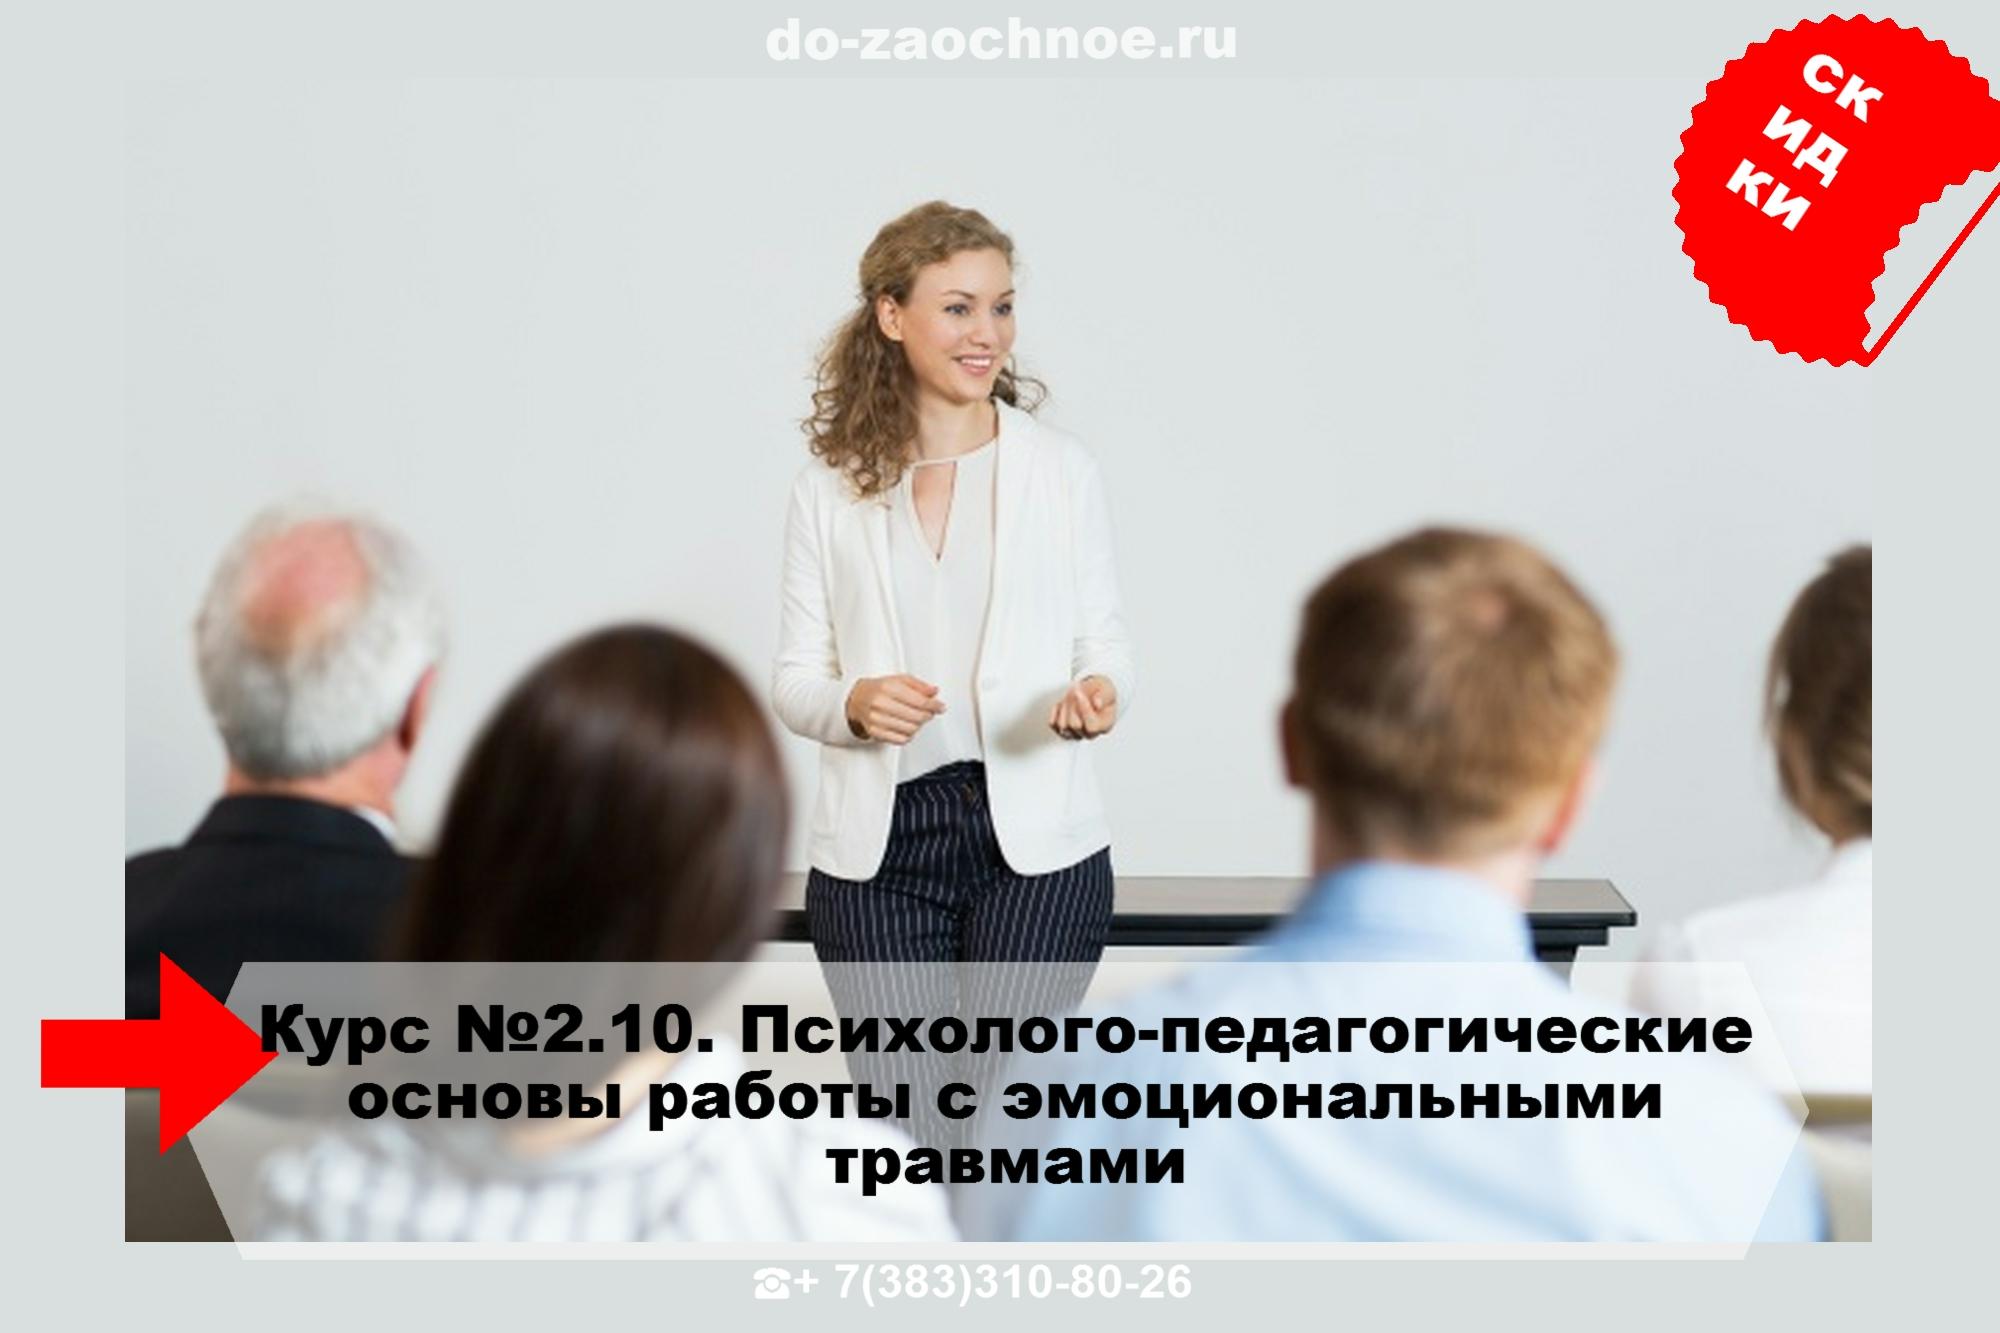 ИДПК дистанционные курсы основы работы с эмоциональными травмами на do-zaochnoe.ru ТУТ!